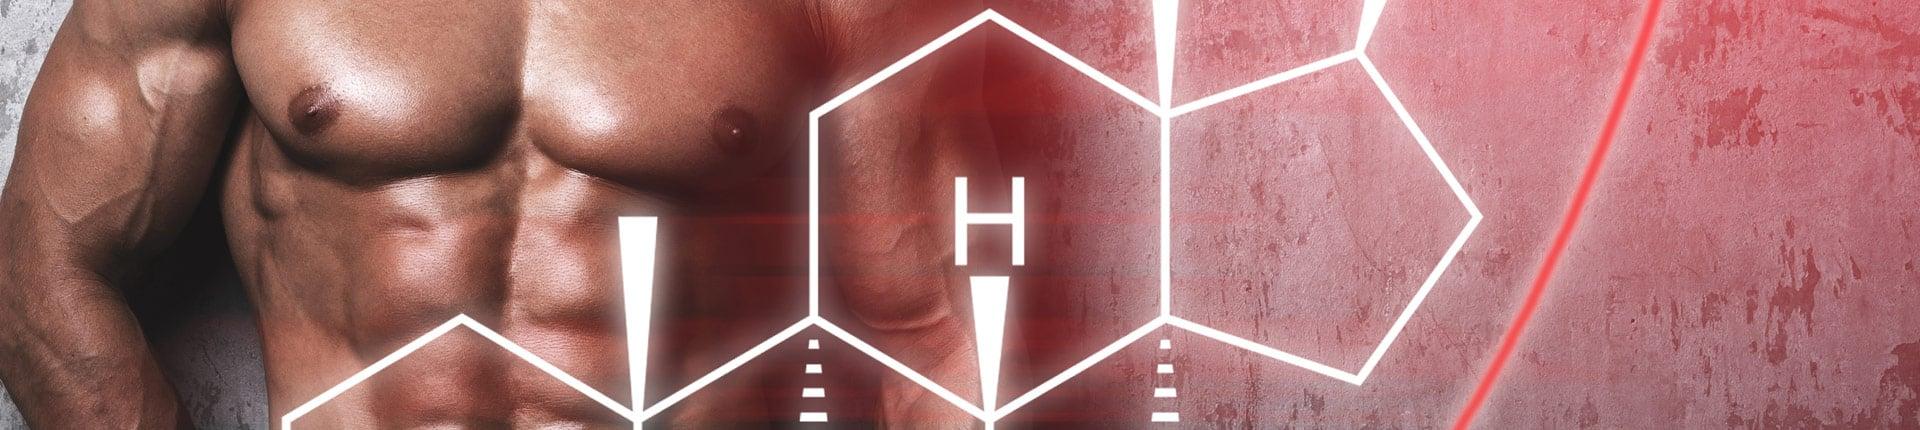 Proviron czy testosteron, co lepsze na HTZ ( hormonalną terapie zastępczą )